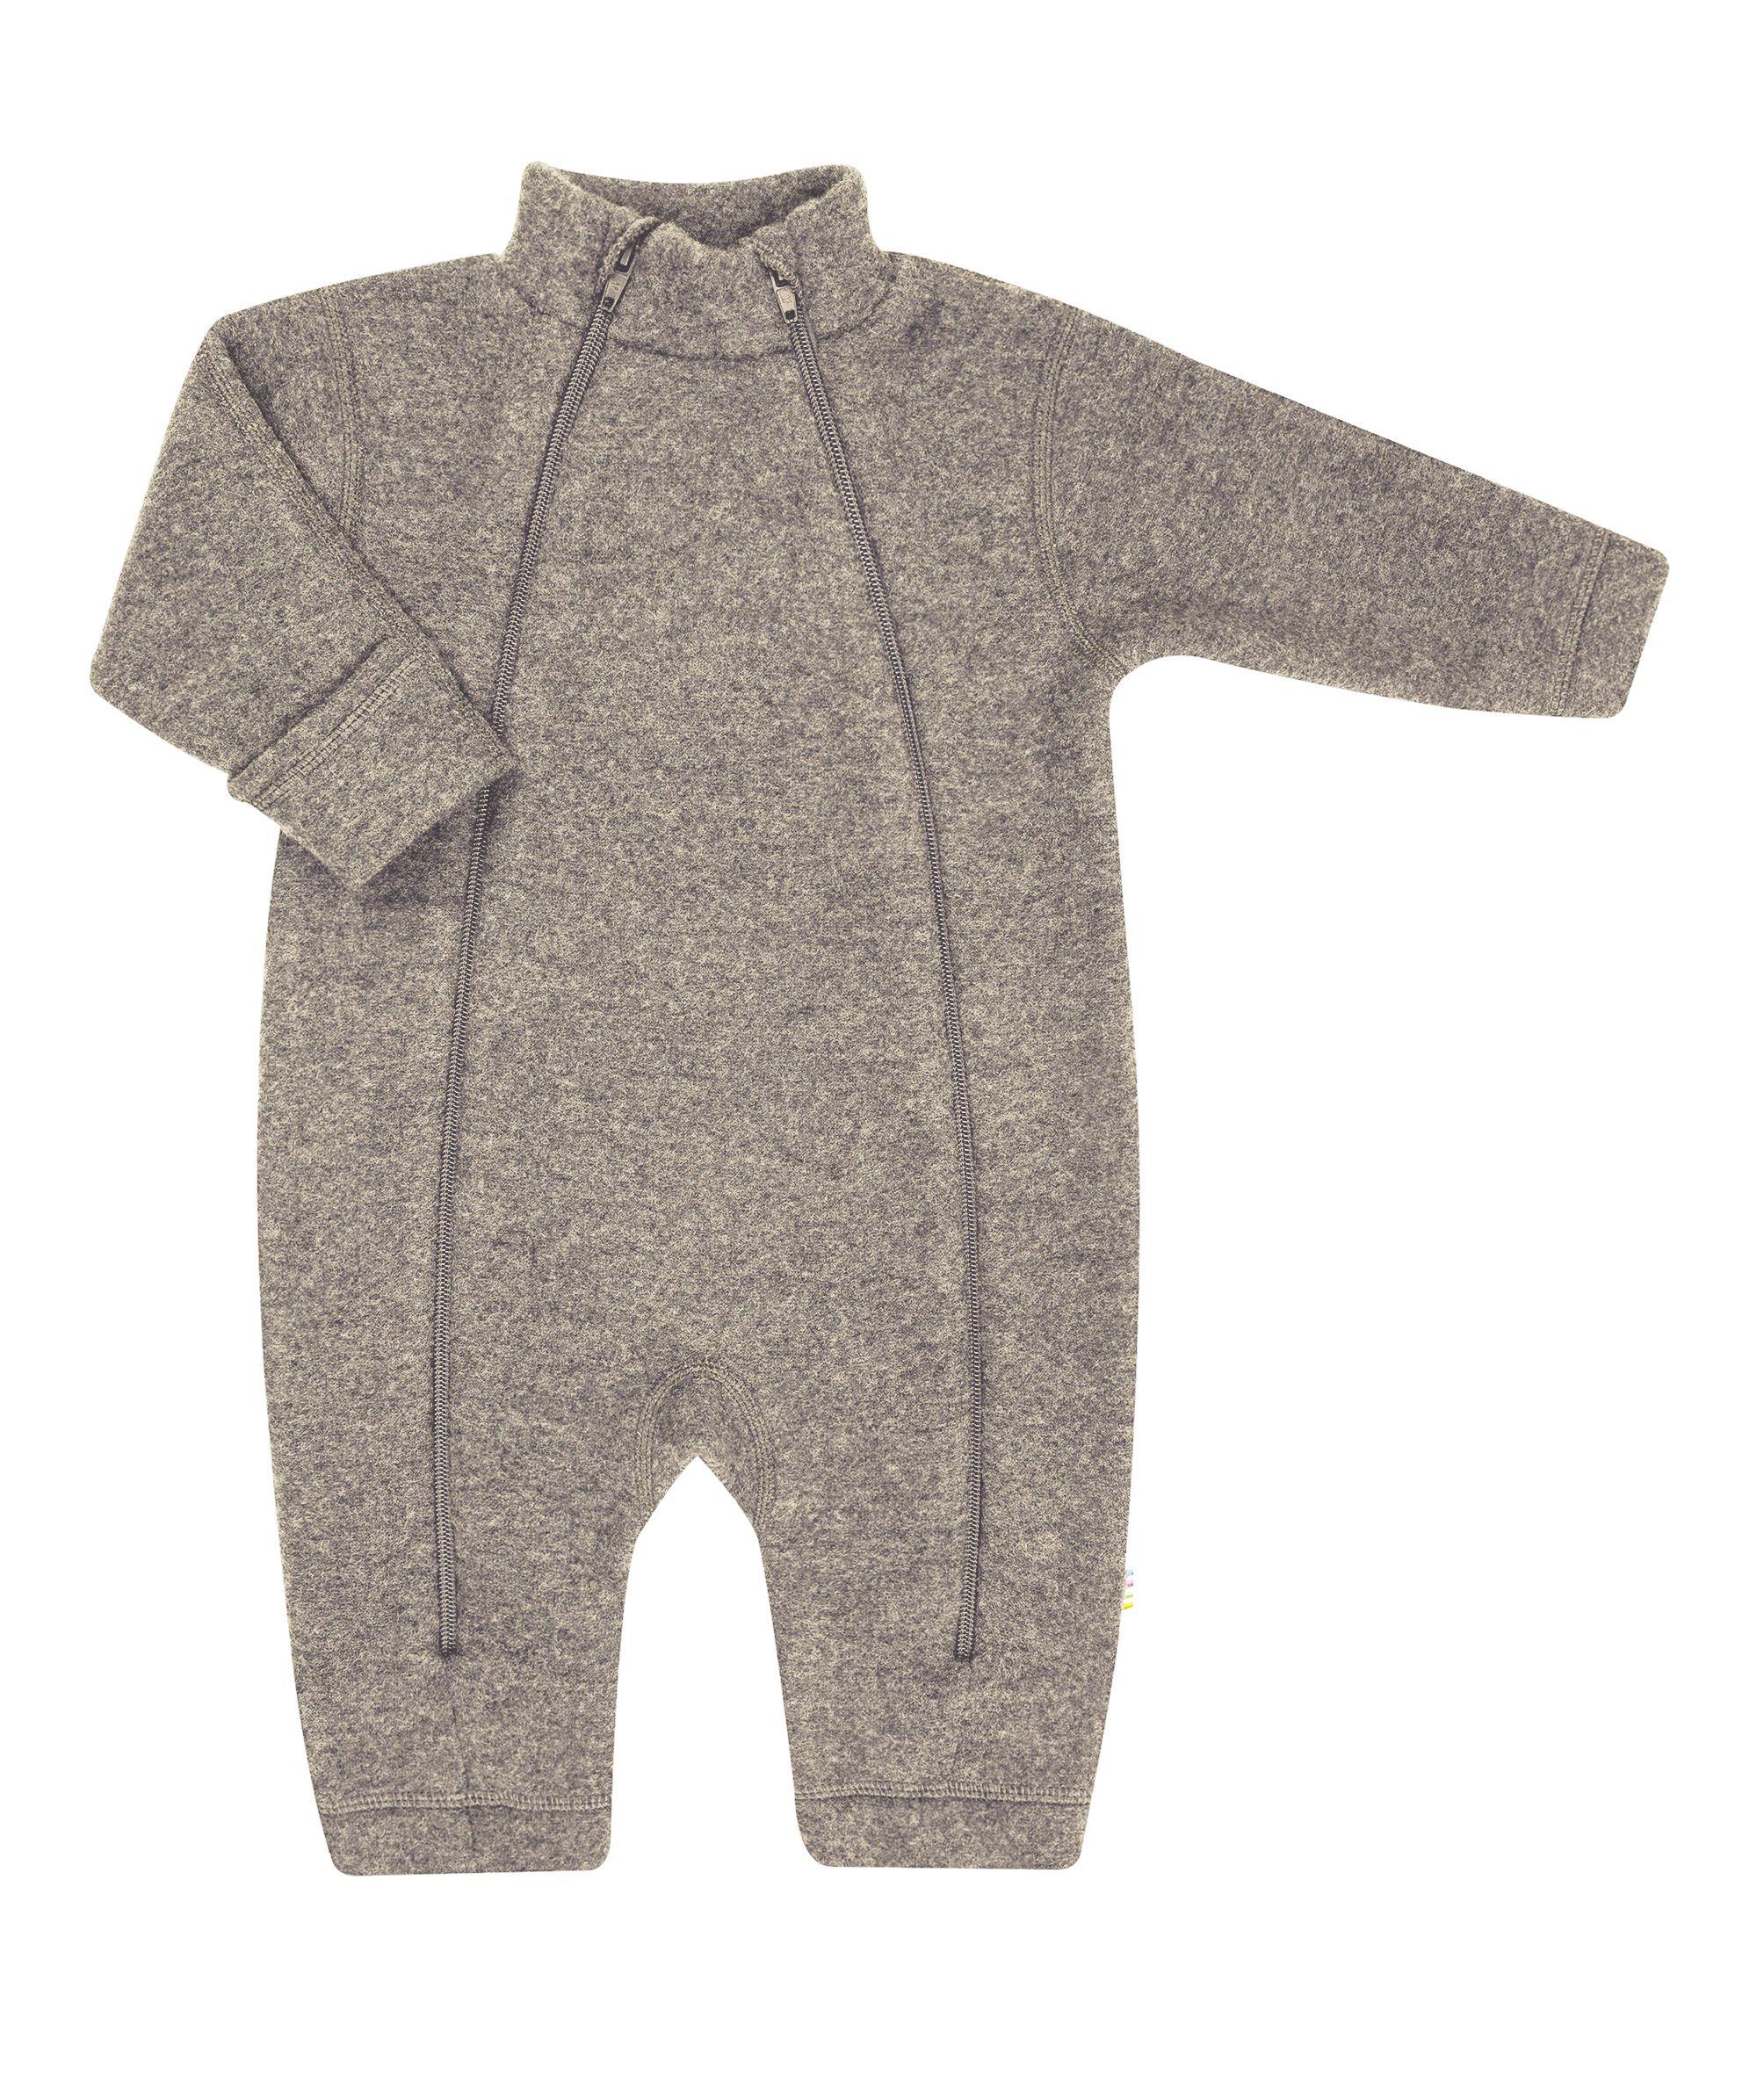 Image of   Soft wool køredragt m. lynlås fra Joha - Sesame Melange